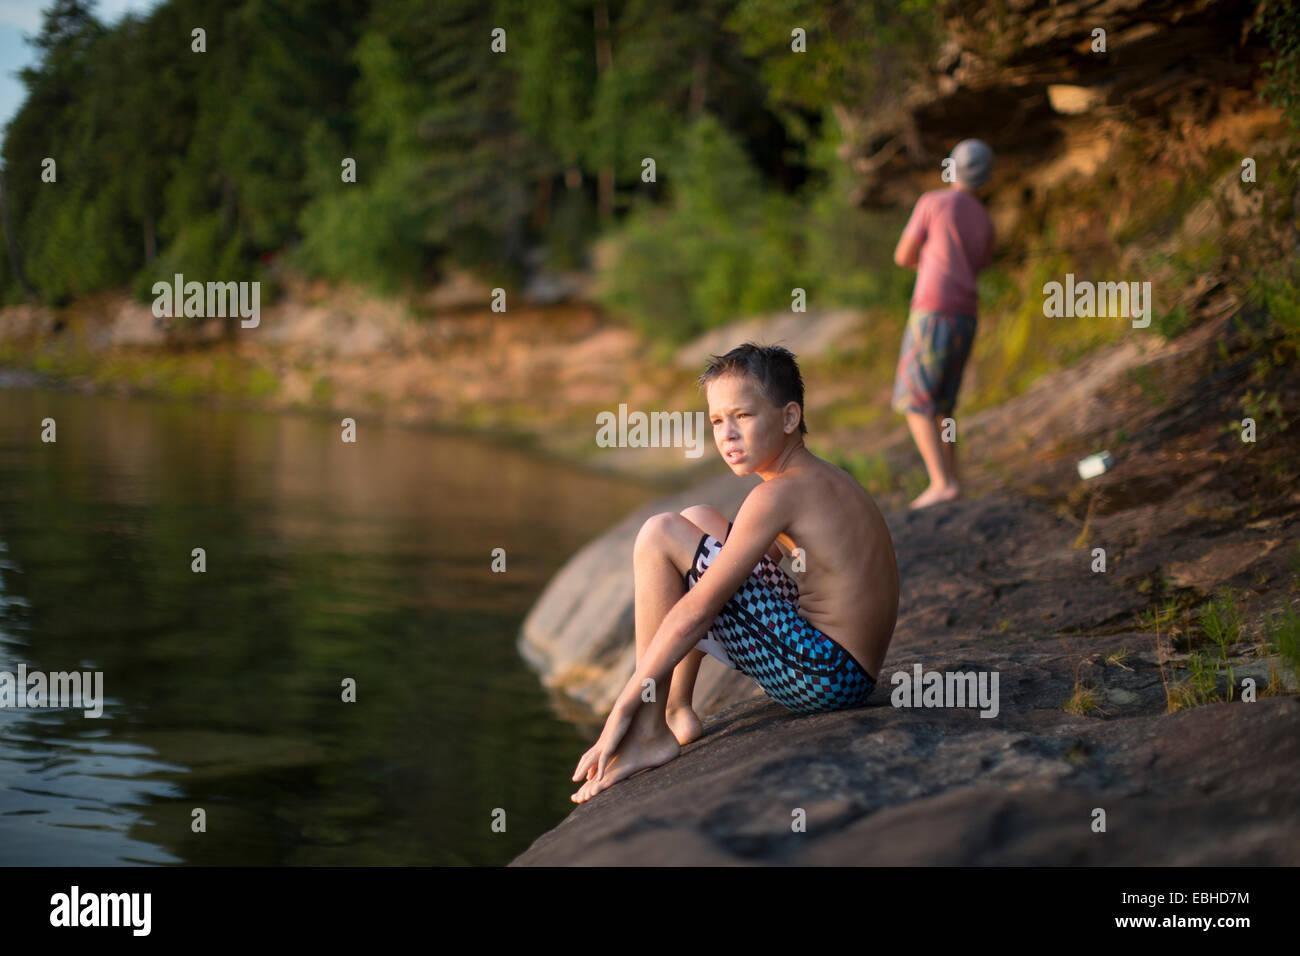 Dos muchachos adolescentes sobre el lago, el Lago Superior, Au Train, Michigan, EE.UU. Imagen De Stock